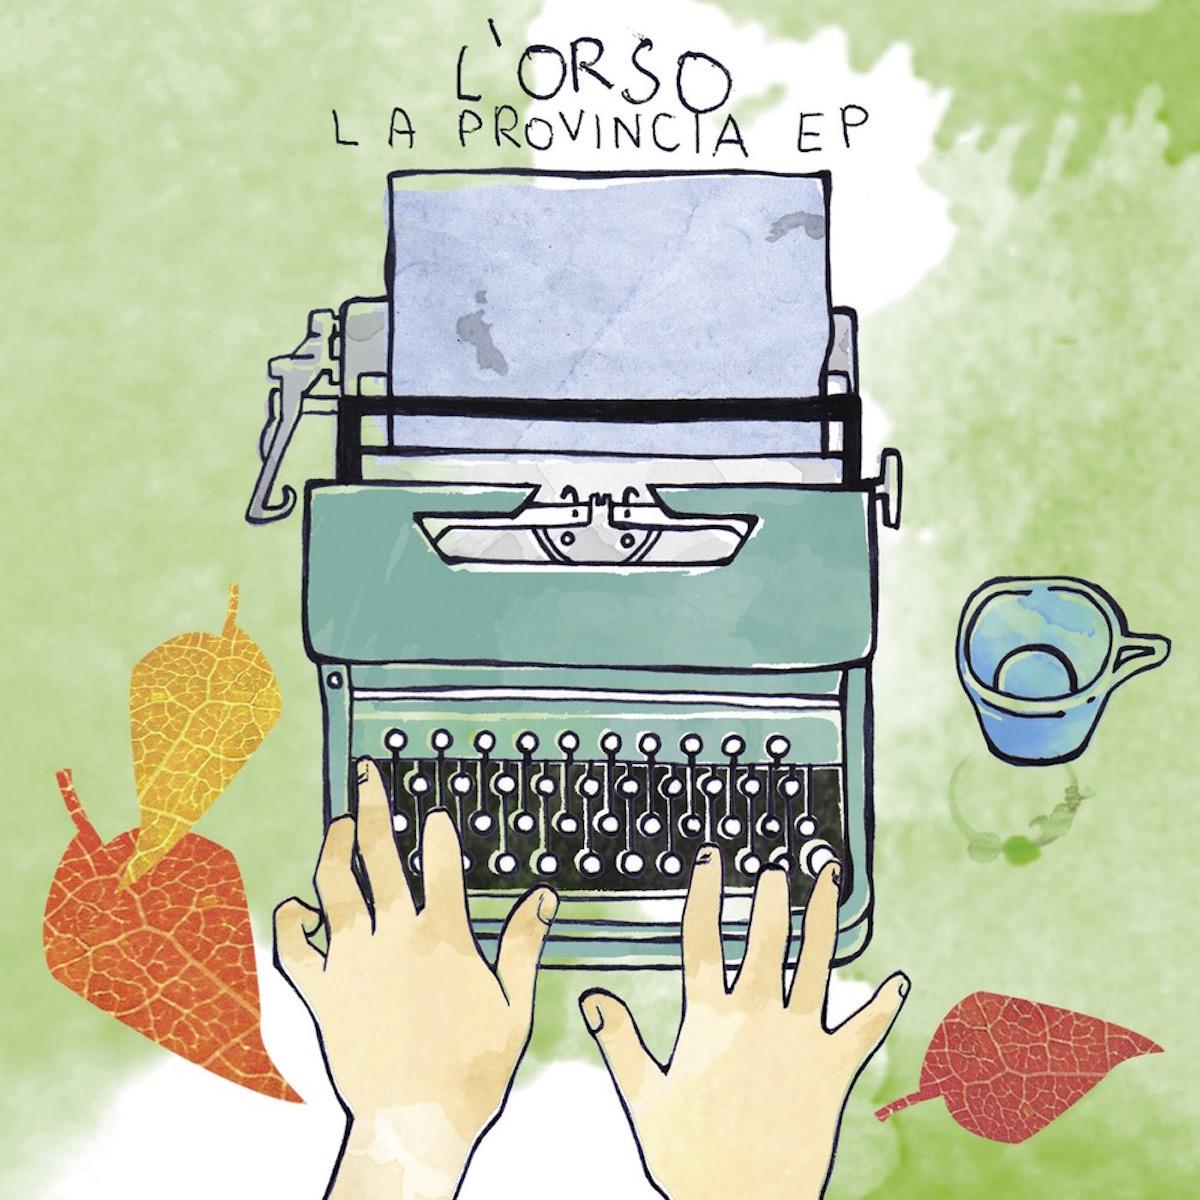 L_Orso_La_Provincia_Ep